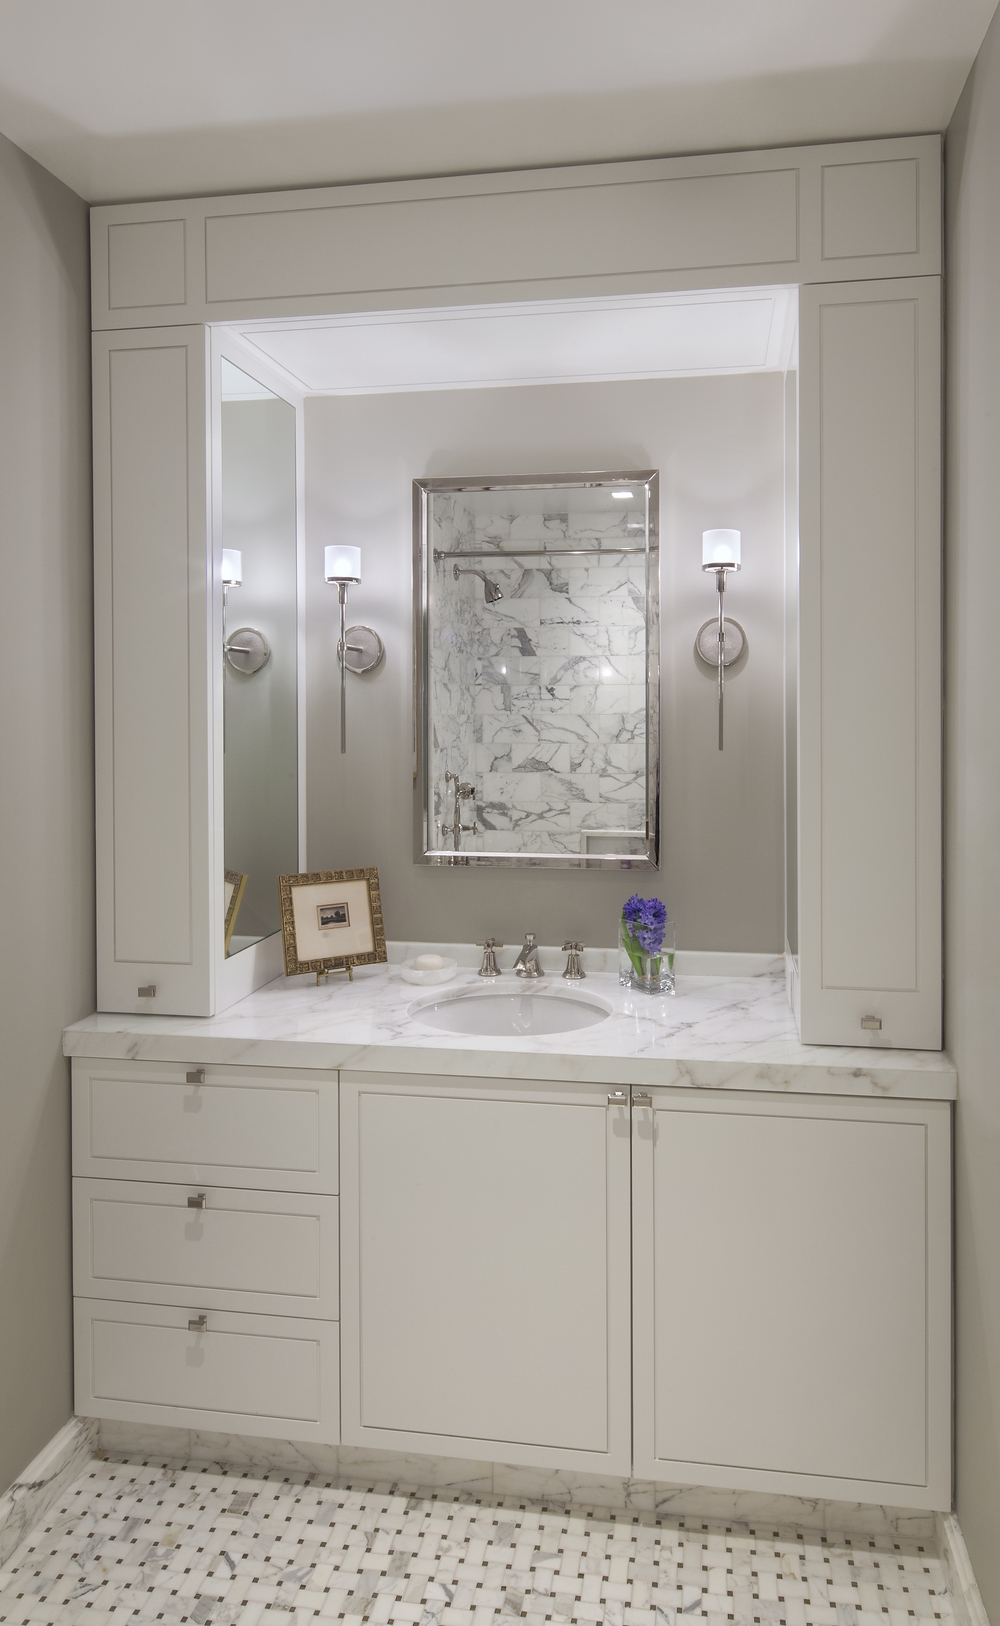 Private Residence. Tobin Parnes Design. New York. Residential. Bathroom.